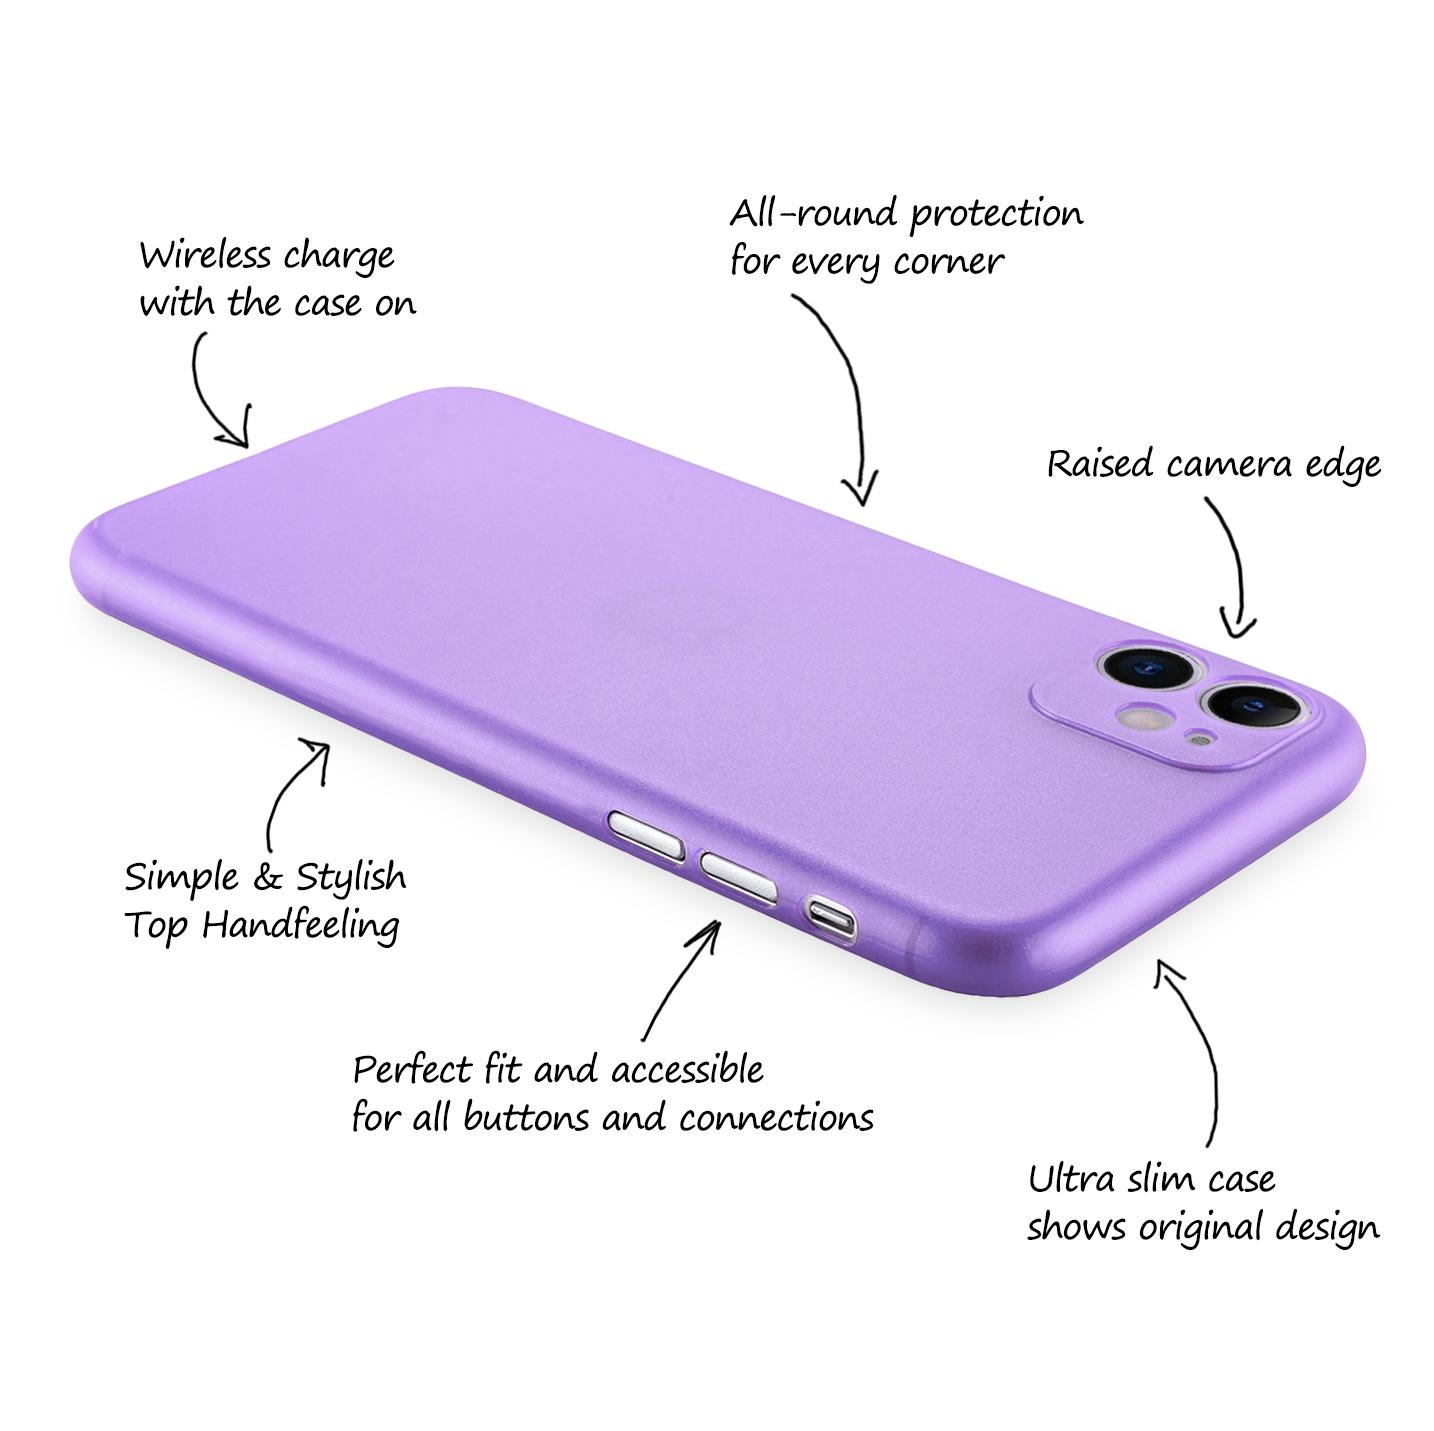 Ultra-Slim-Case-iPhone-11-6-1-034-Matt-Clear-Schutz-Huelle-Skin-Cover-Tasche-Folie Indexbild 22